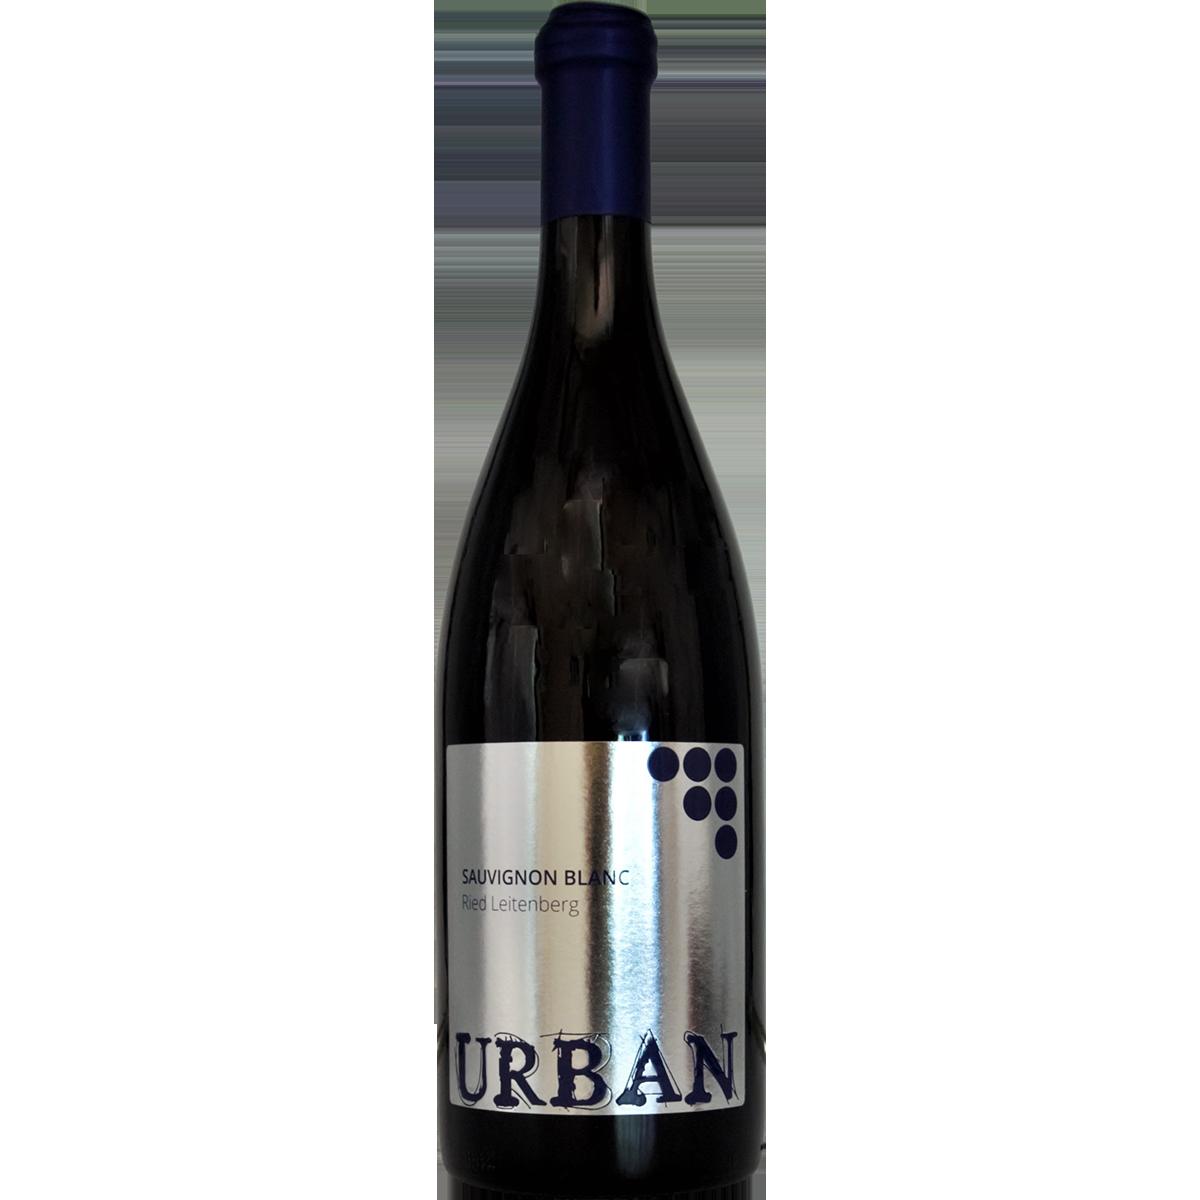 Sauvignon Blanc Ried Leitenberg 2019 - Urban, Weinviertel